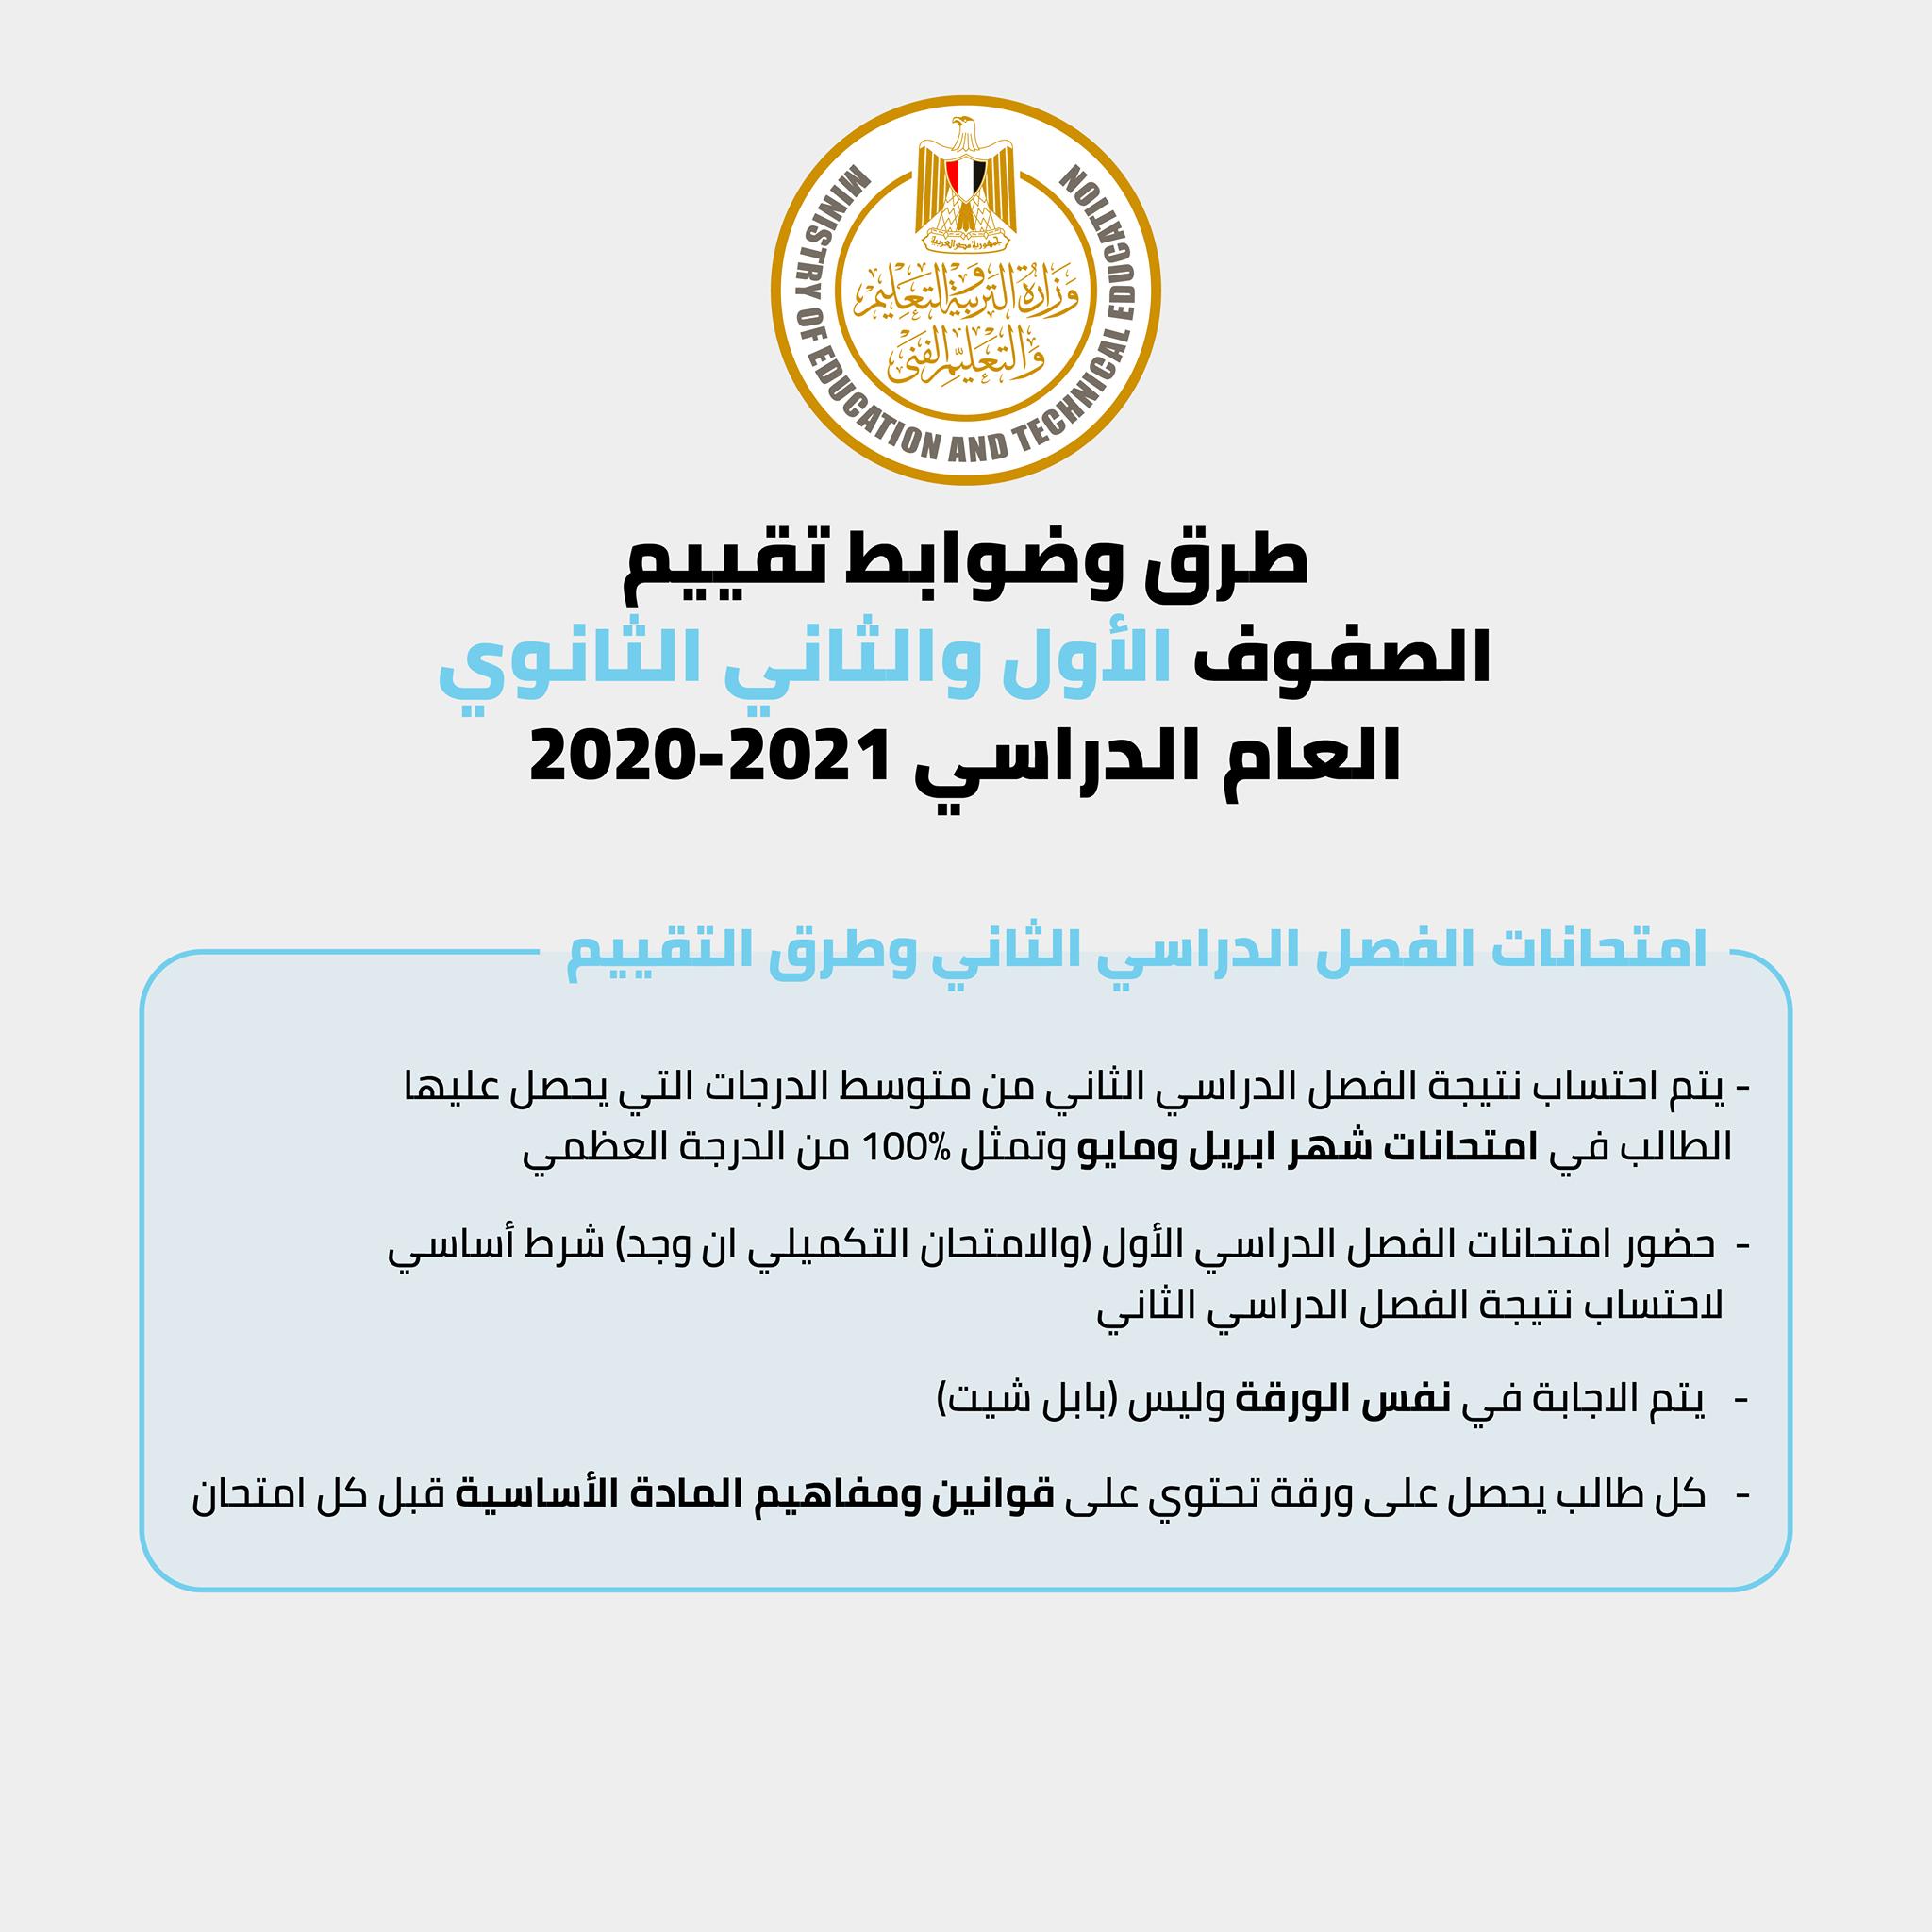 التعليم تعلن طرق وضوابط تقييم طلاب الأول والثاني الثانوي العام للعام الدراسي 2021 2